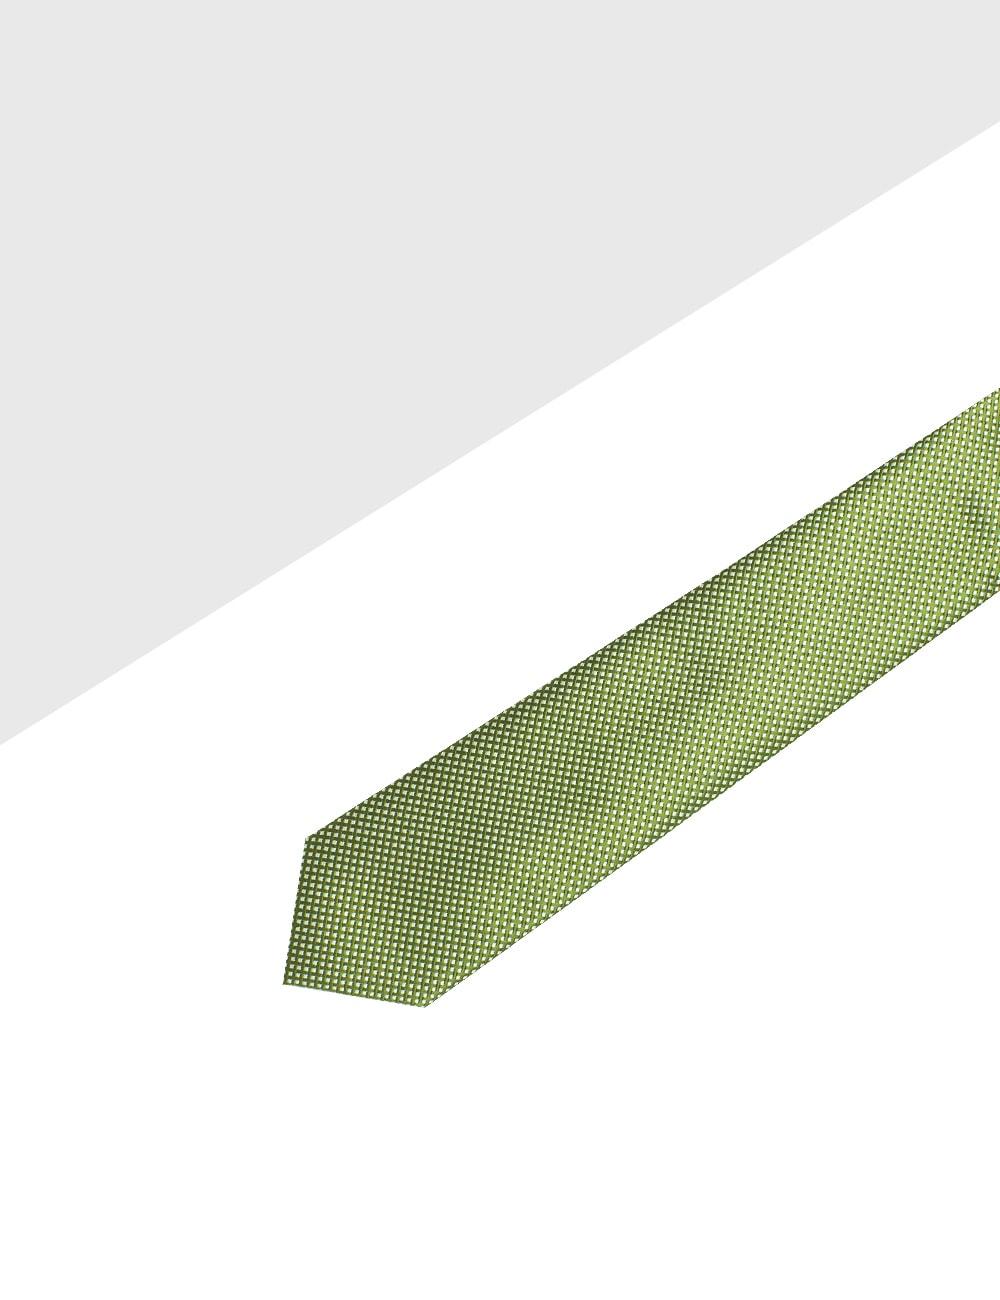 Tea Green with White Mini Checks Woven Necktie - NT47.4